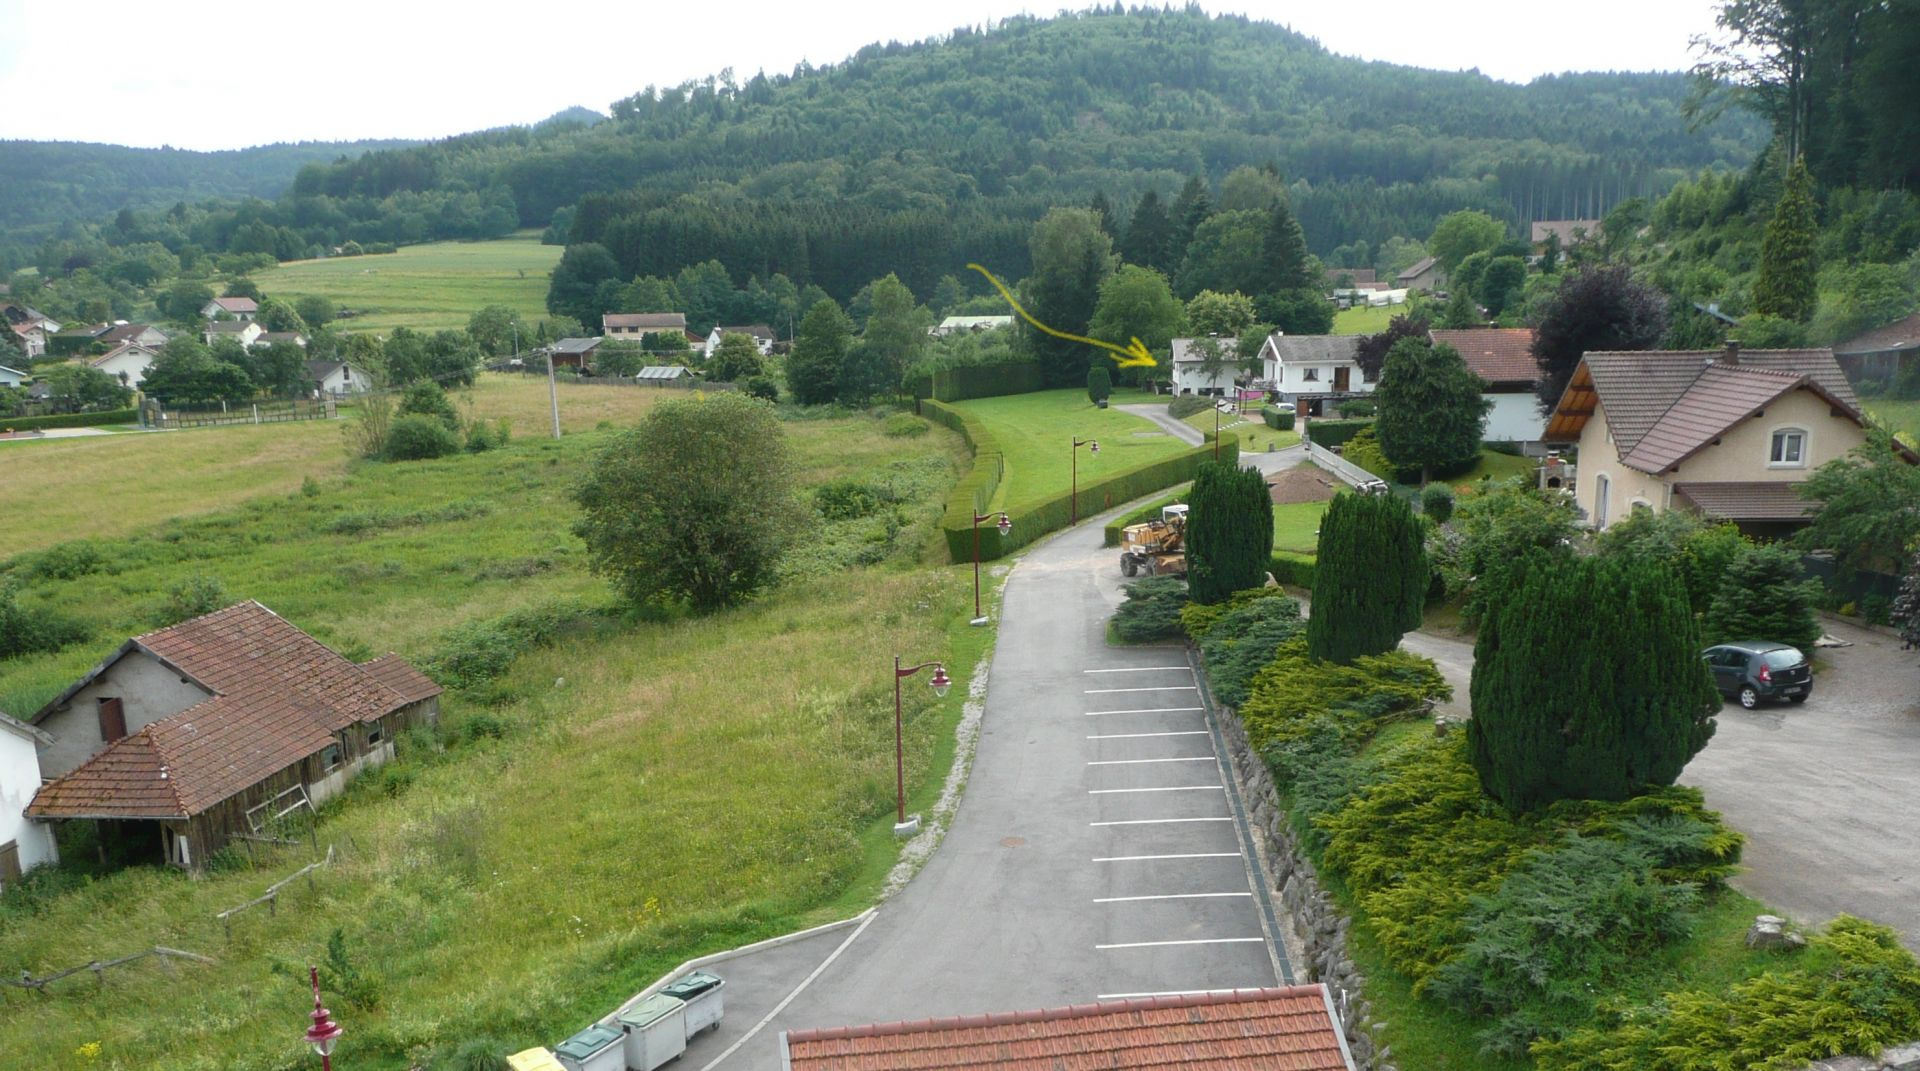 Meublé Le Parcet Lorraine Tourisme